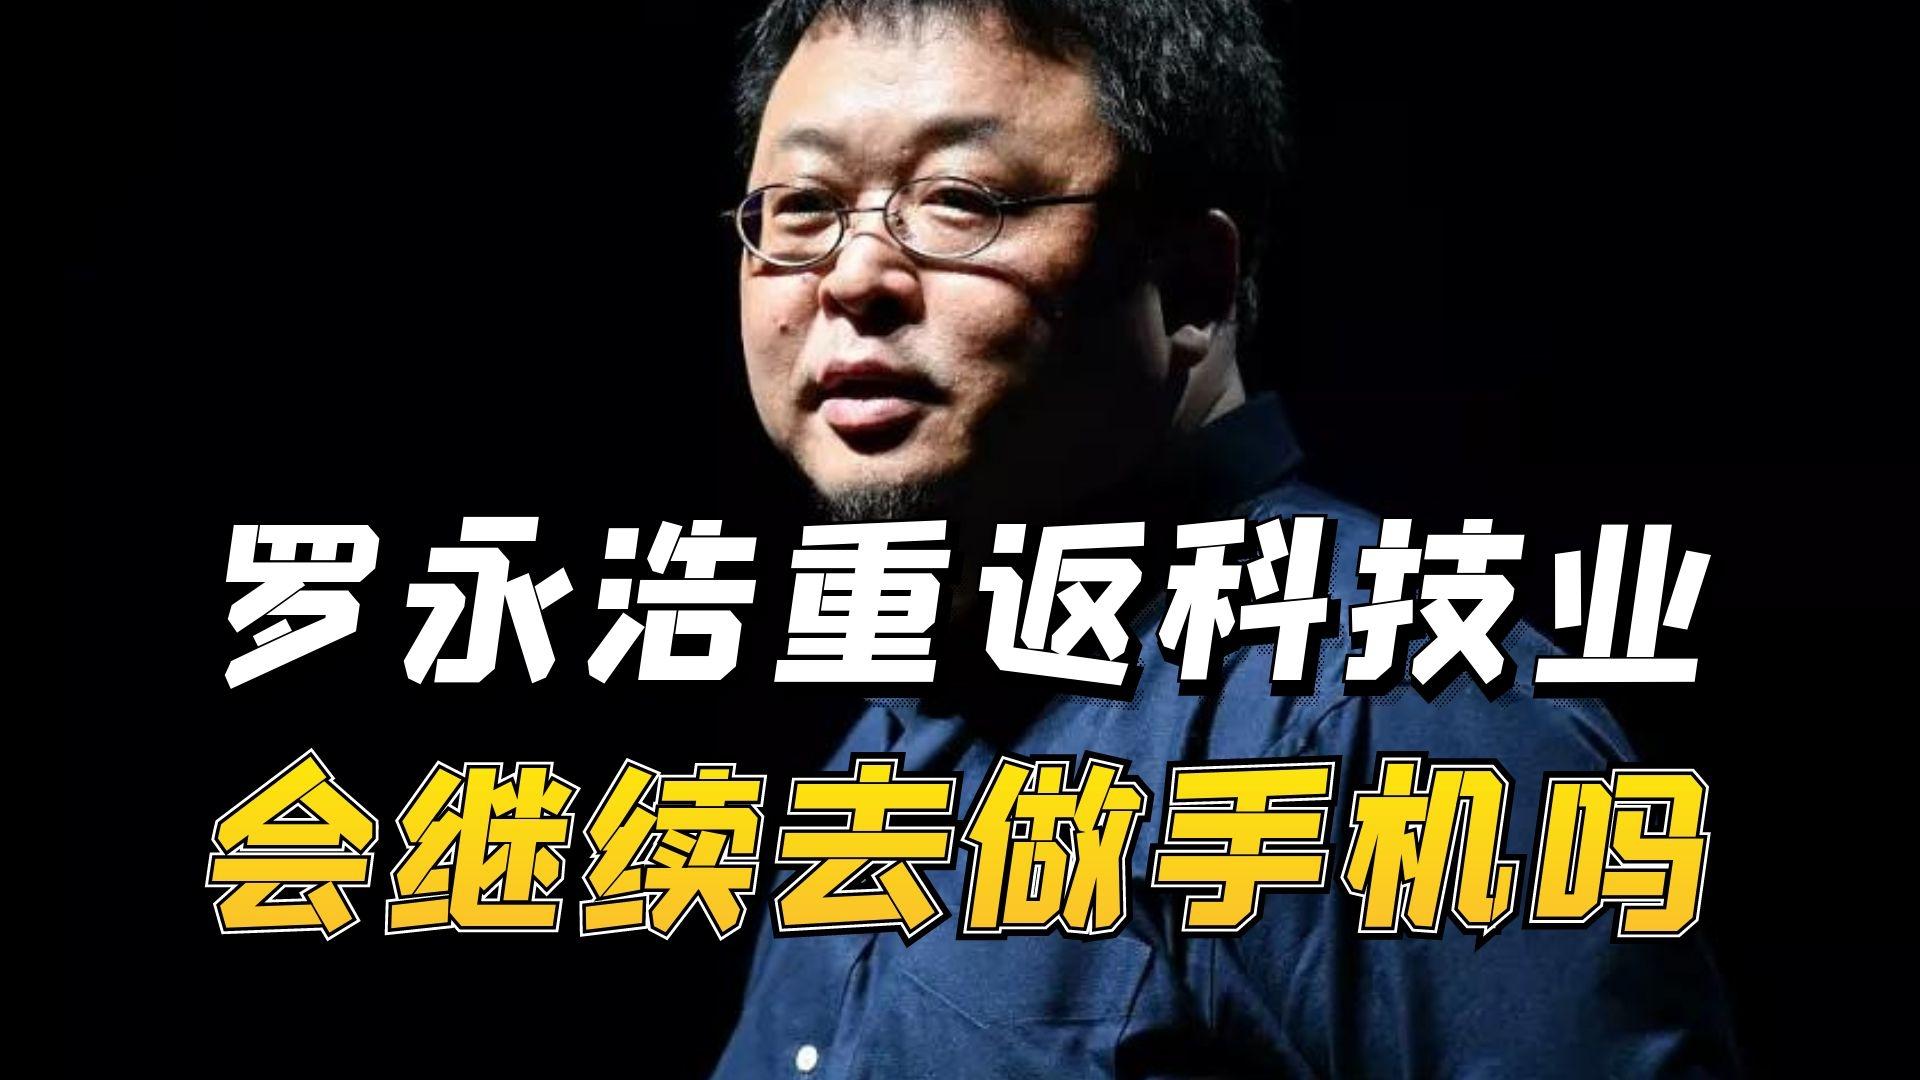 罗永浩要重返科技行业,还会去做手机吗?